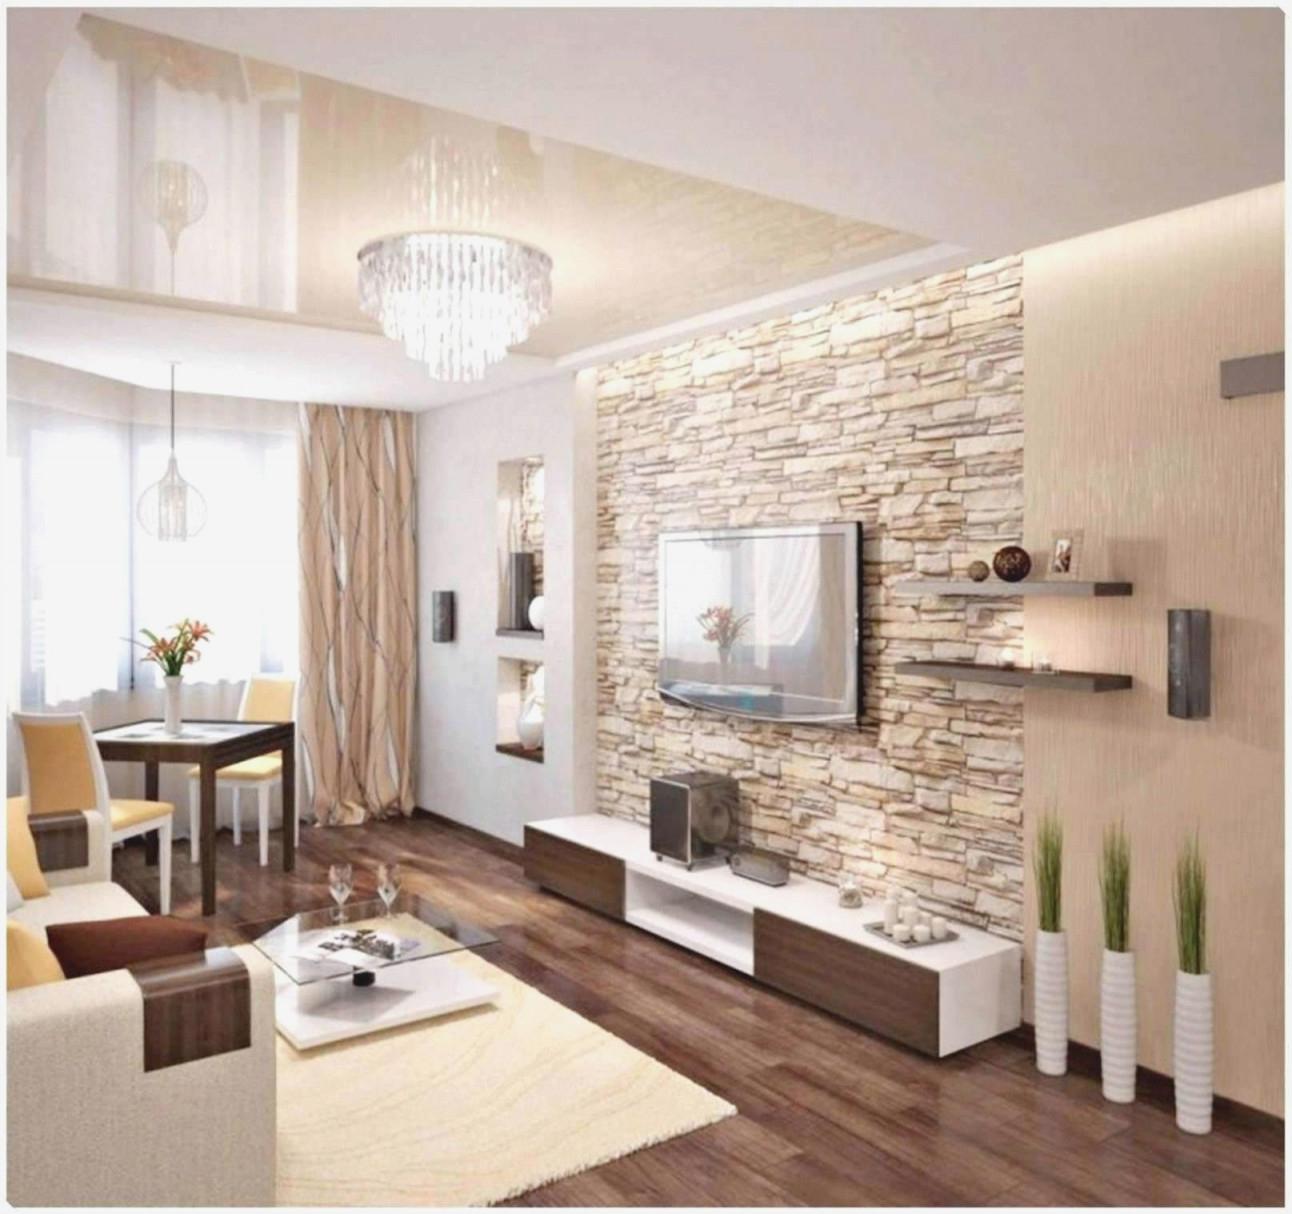 Feng Shui Einrichten Wohnzimmer Tipps  Wohnzimmer von Feng Shui Wohnzimmer Einrichten Photo